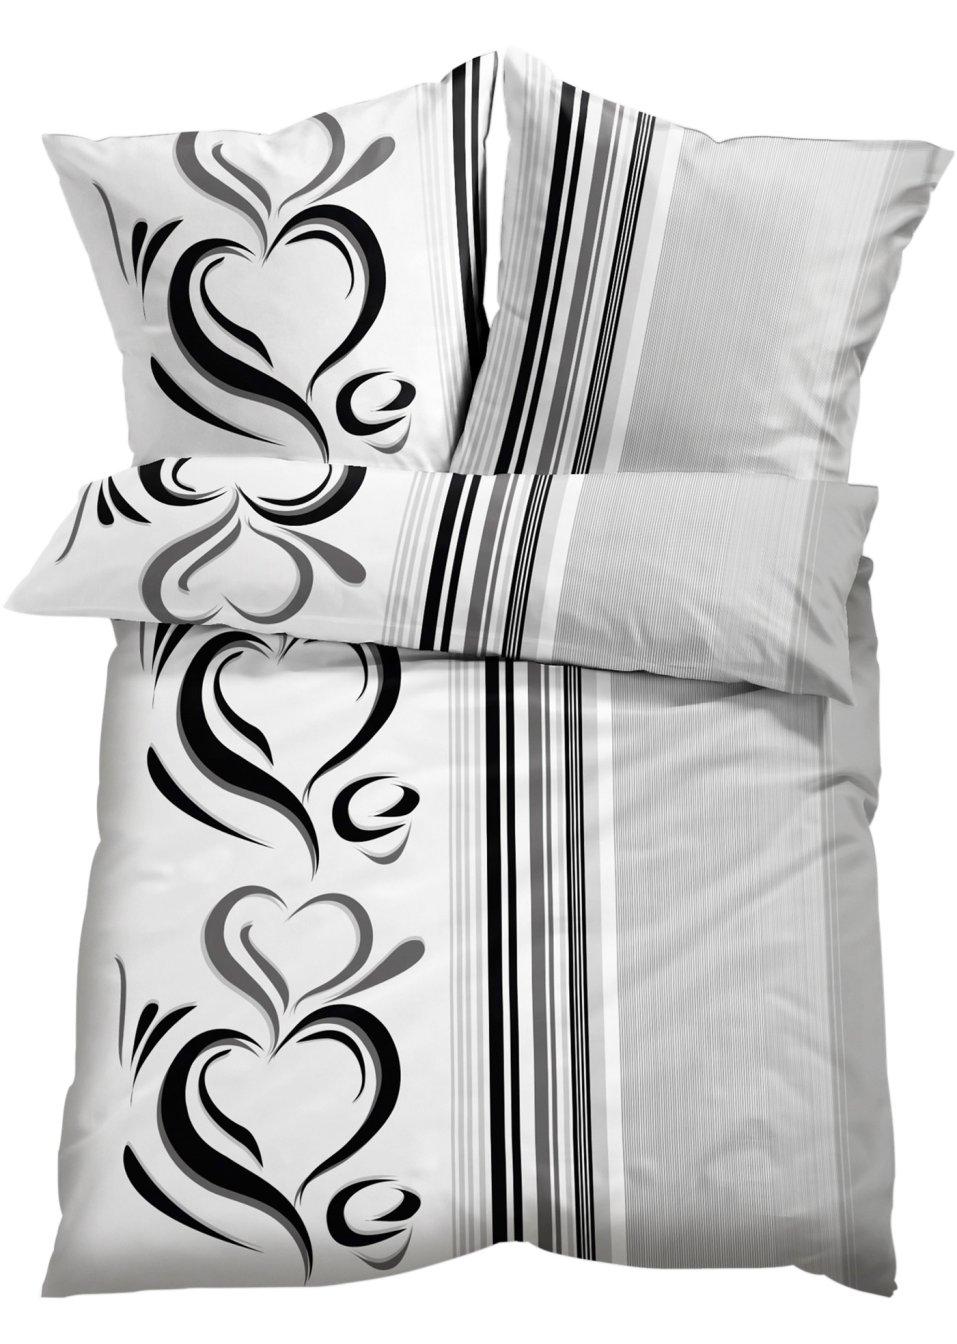 highlight im schlafbereich die bettw sche casandra grau linon. Black Bedroom Furniture Sets. Home Design Ideas